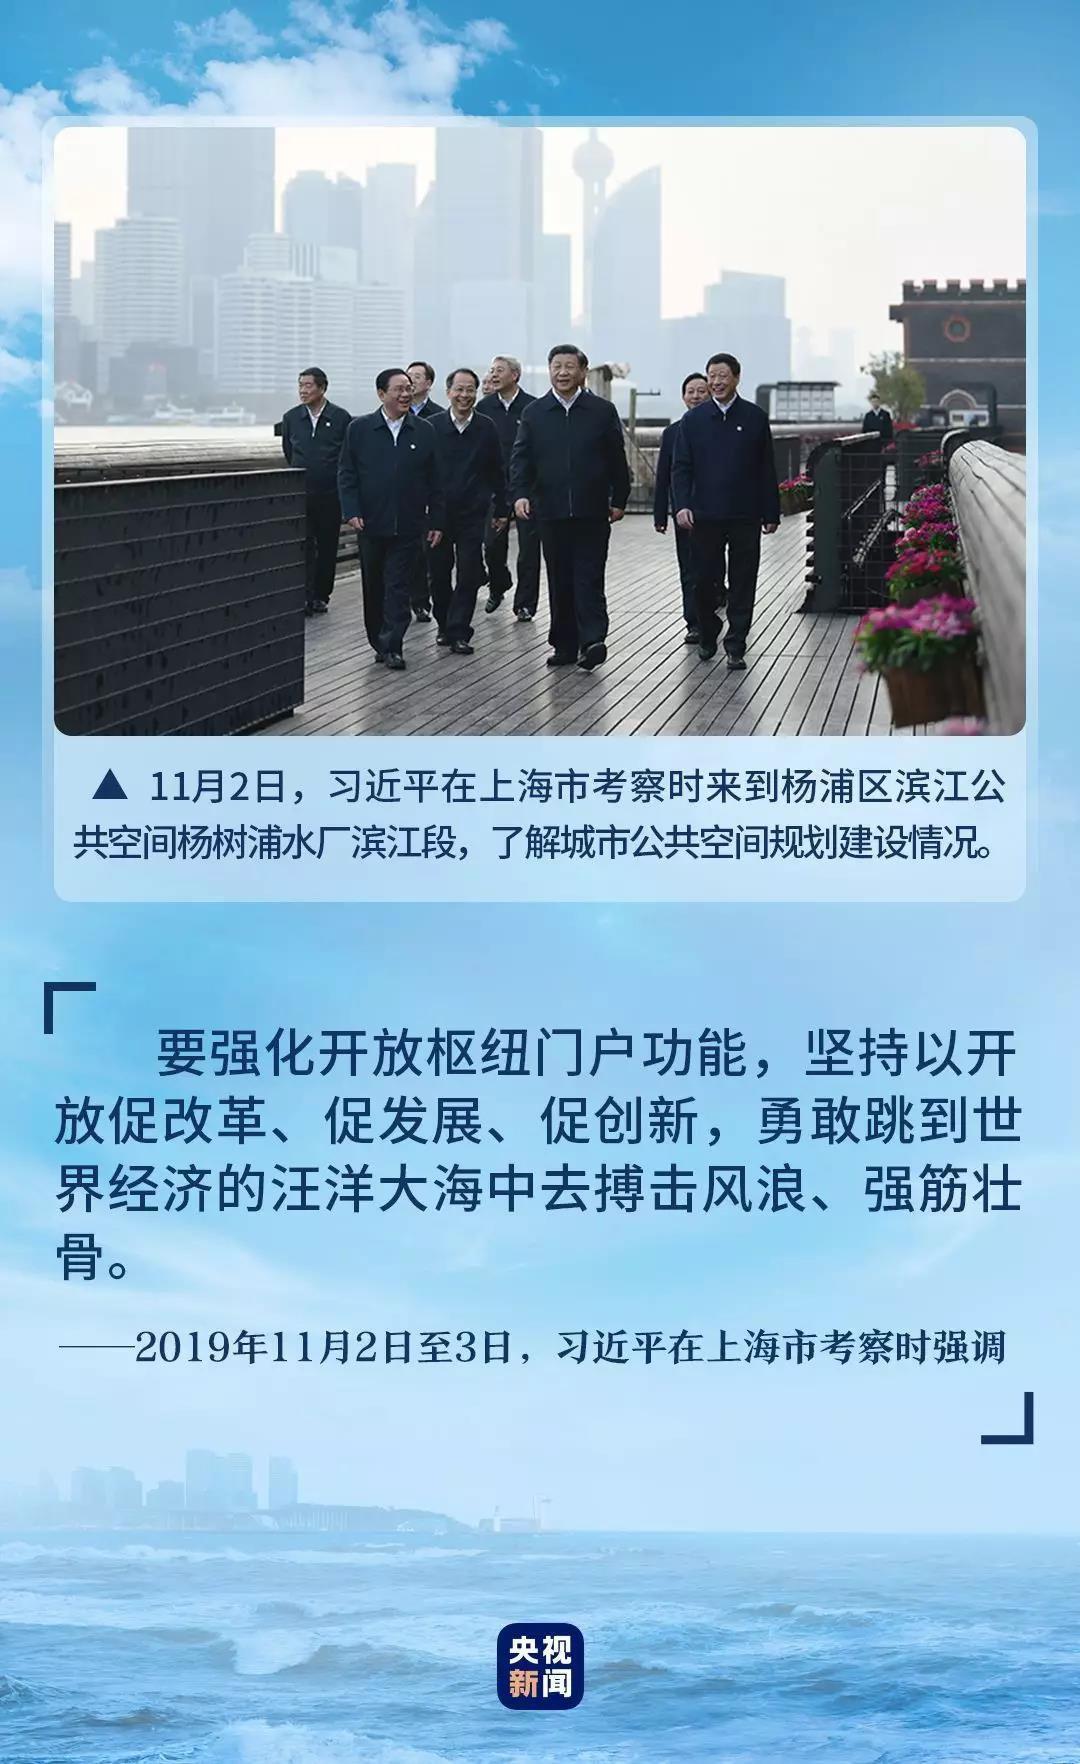 http://jszhy.cn/jiaoyu/165702.html